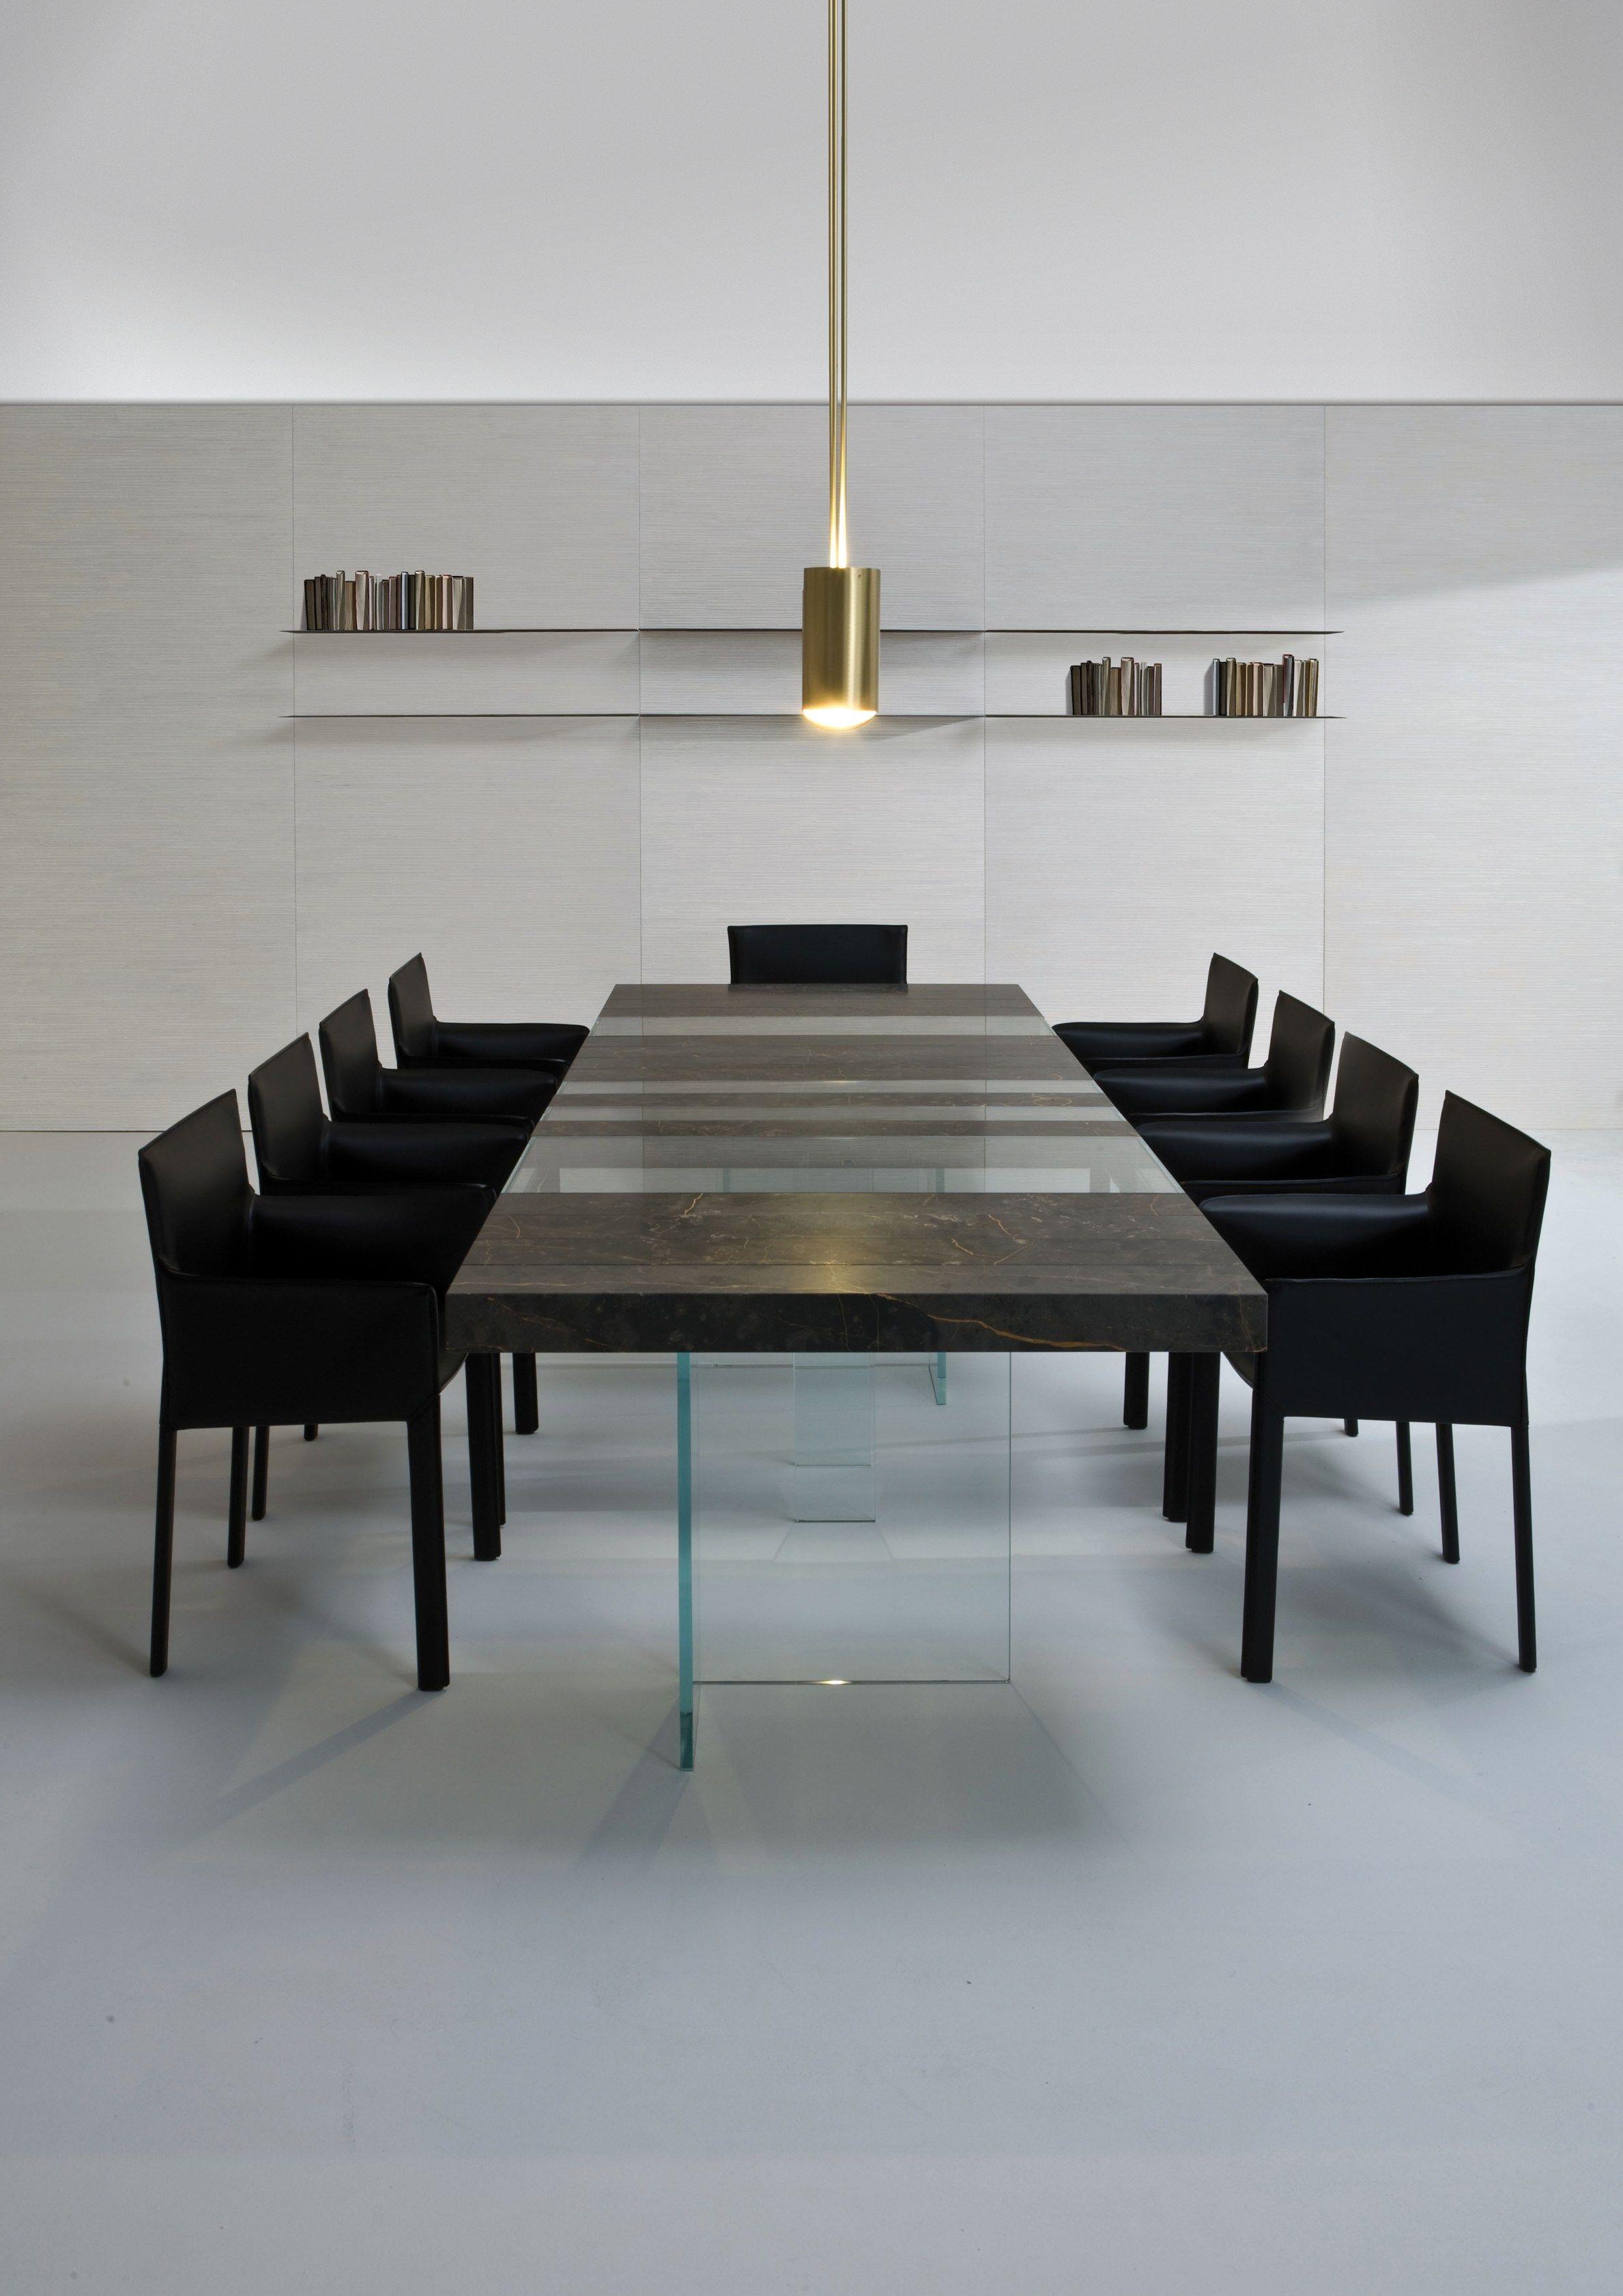 Tavolo rettangolare elemento by laurameroni design pnr design for Tavolo rettangolare